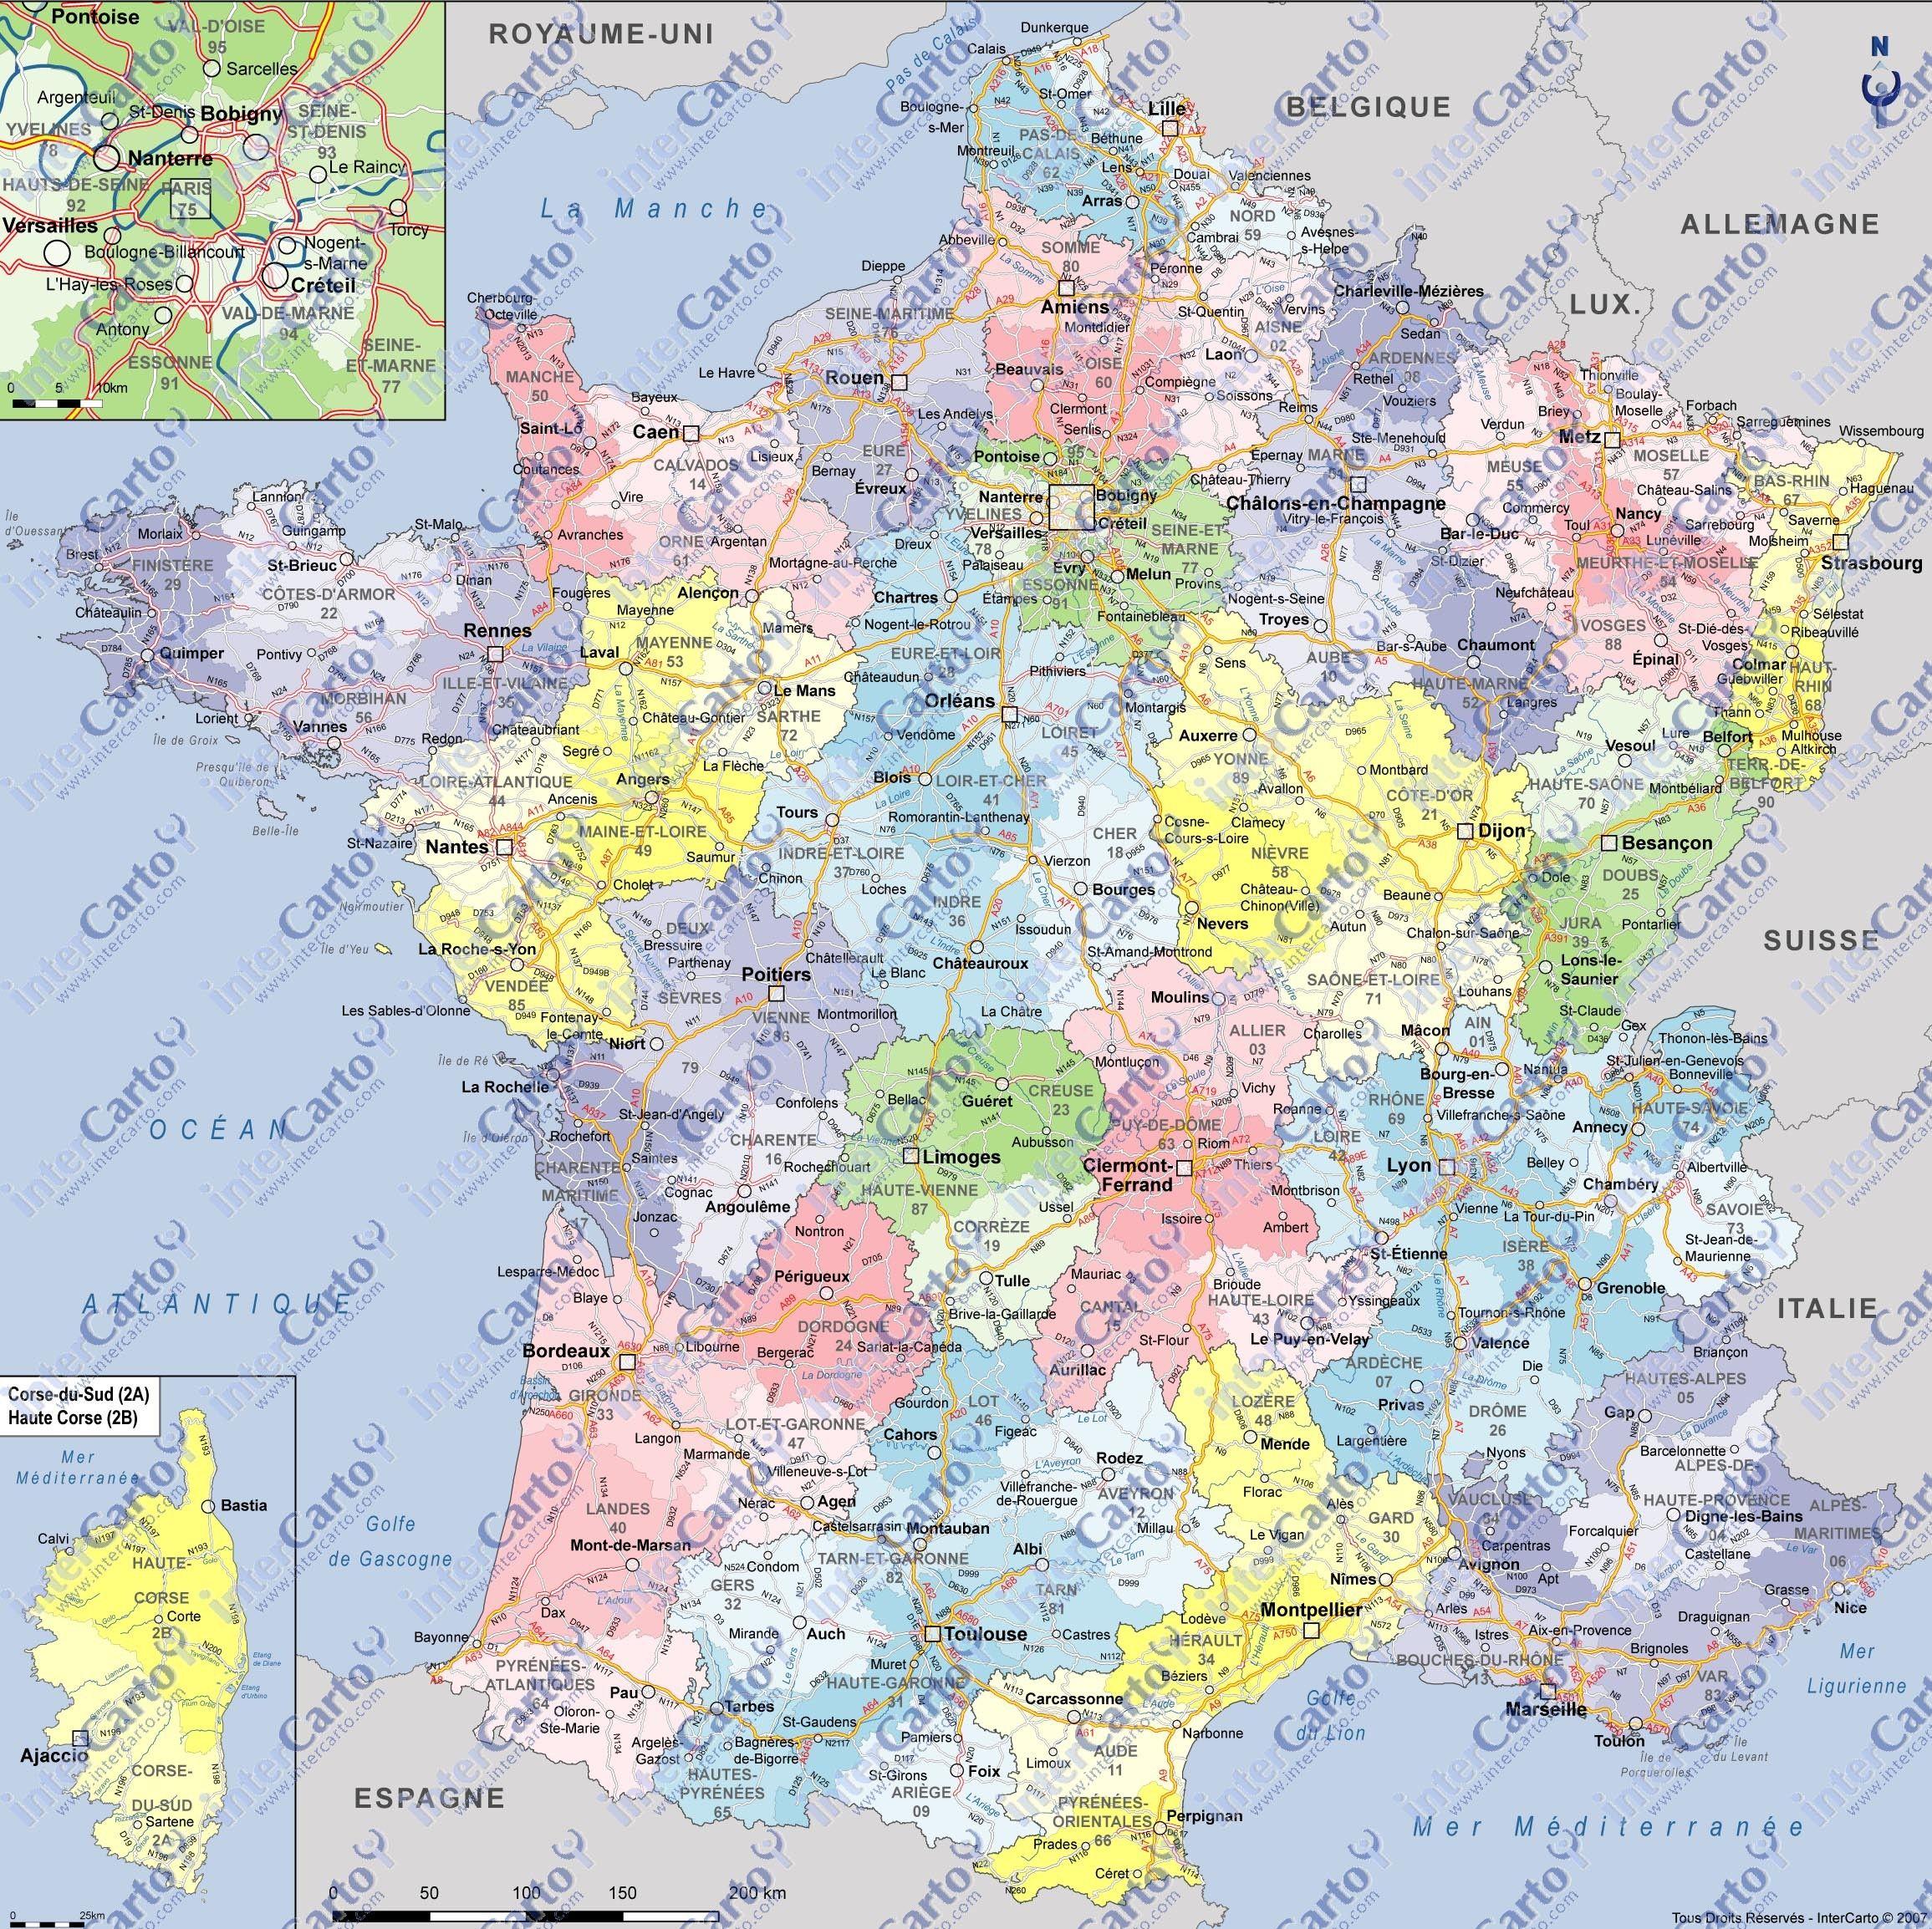 Carte De France Départements Villes Et Régions | Carte De concernant Carte Departement Francais Avec Villes